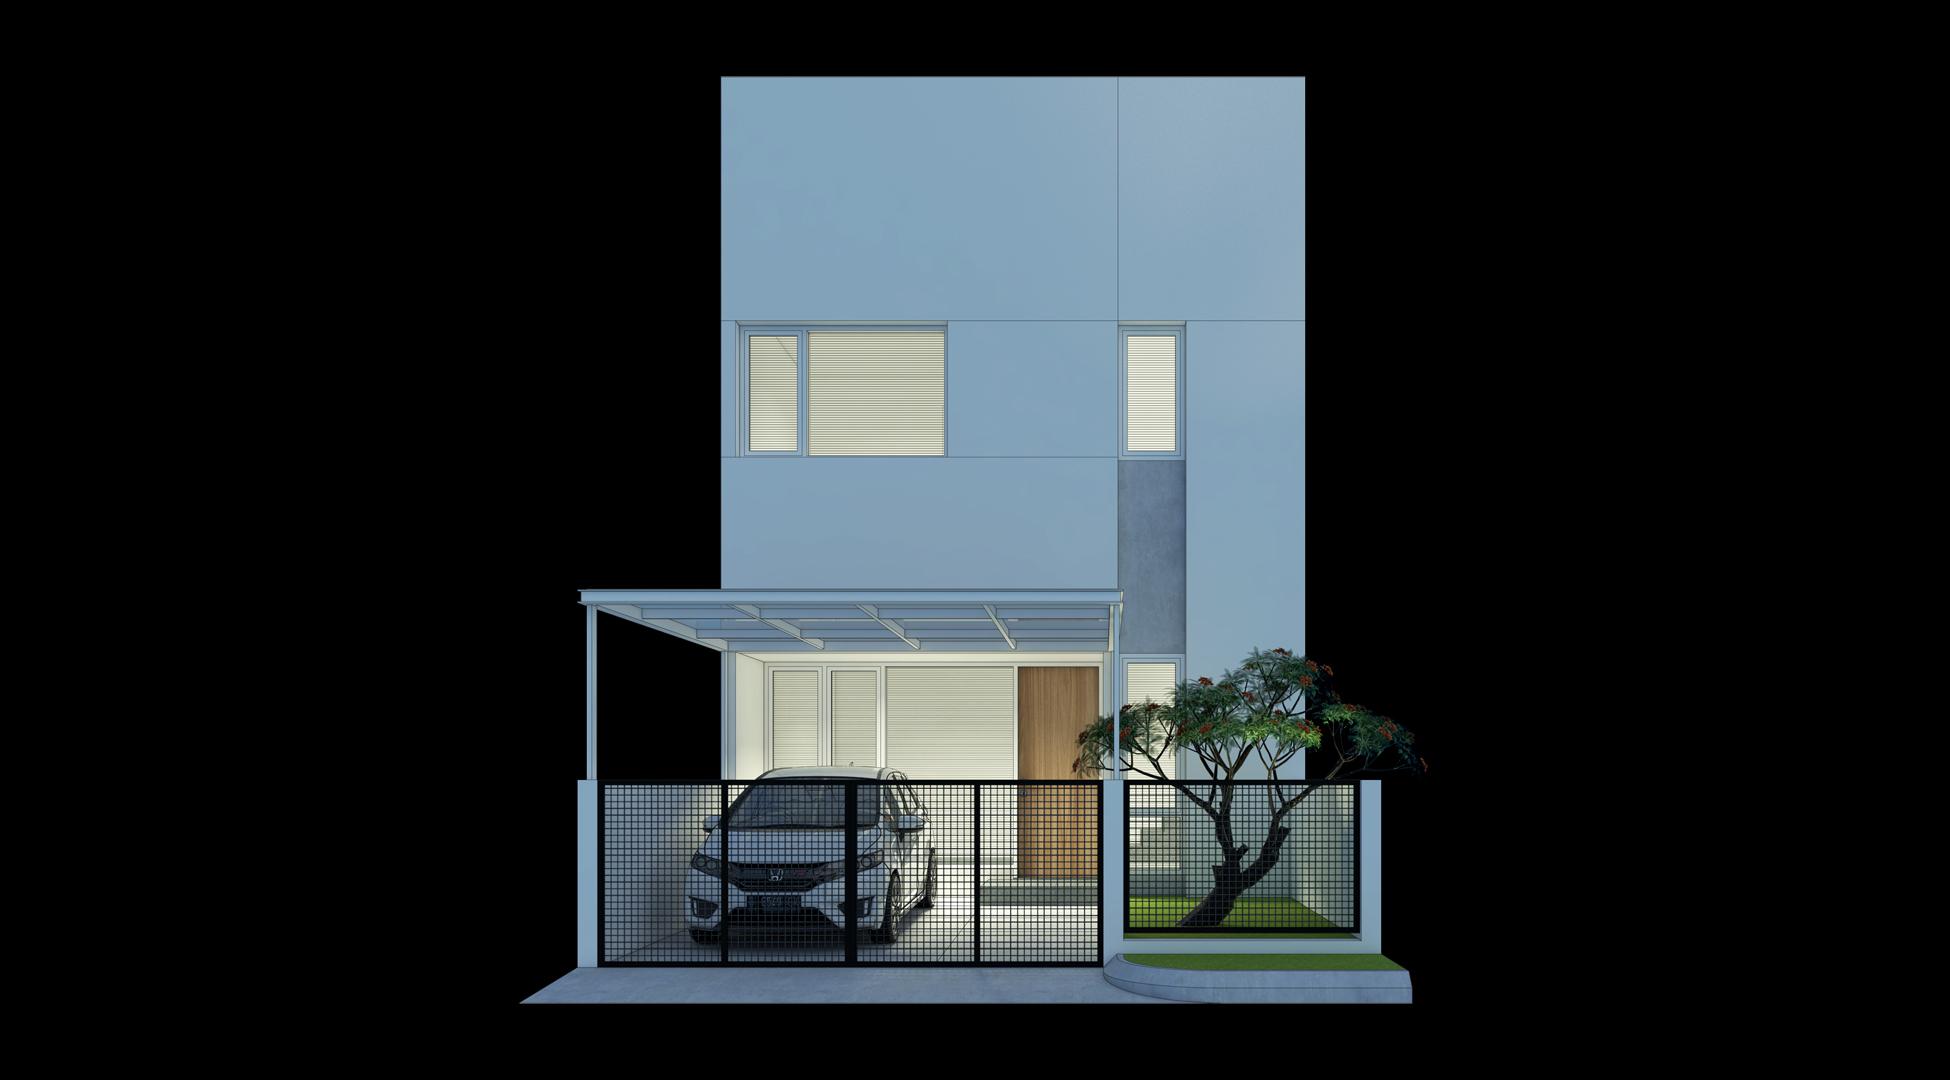 DESIGN_001---SCENE-001A